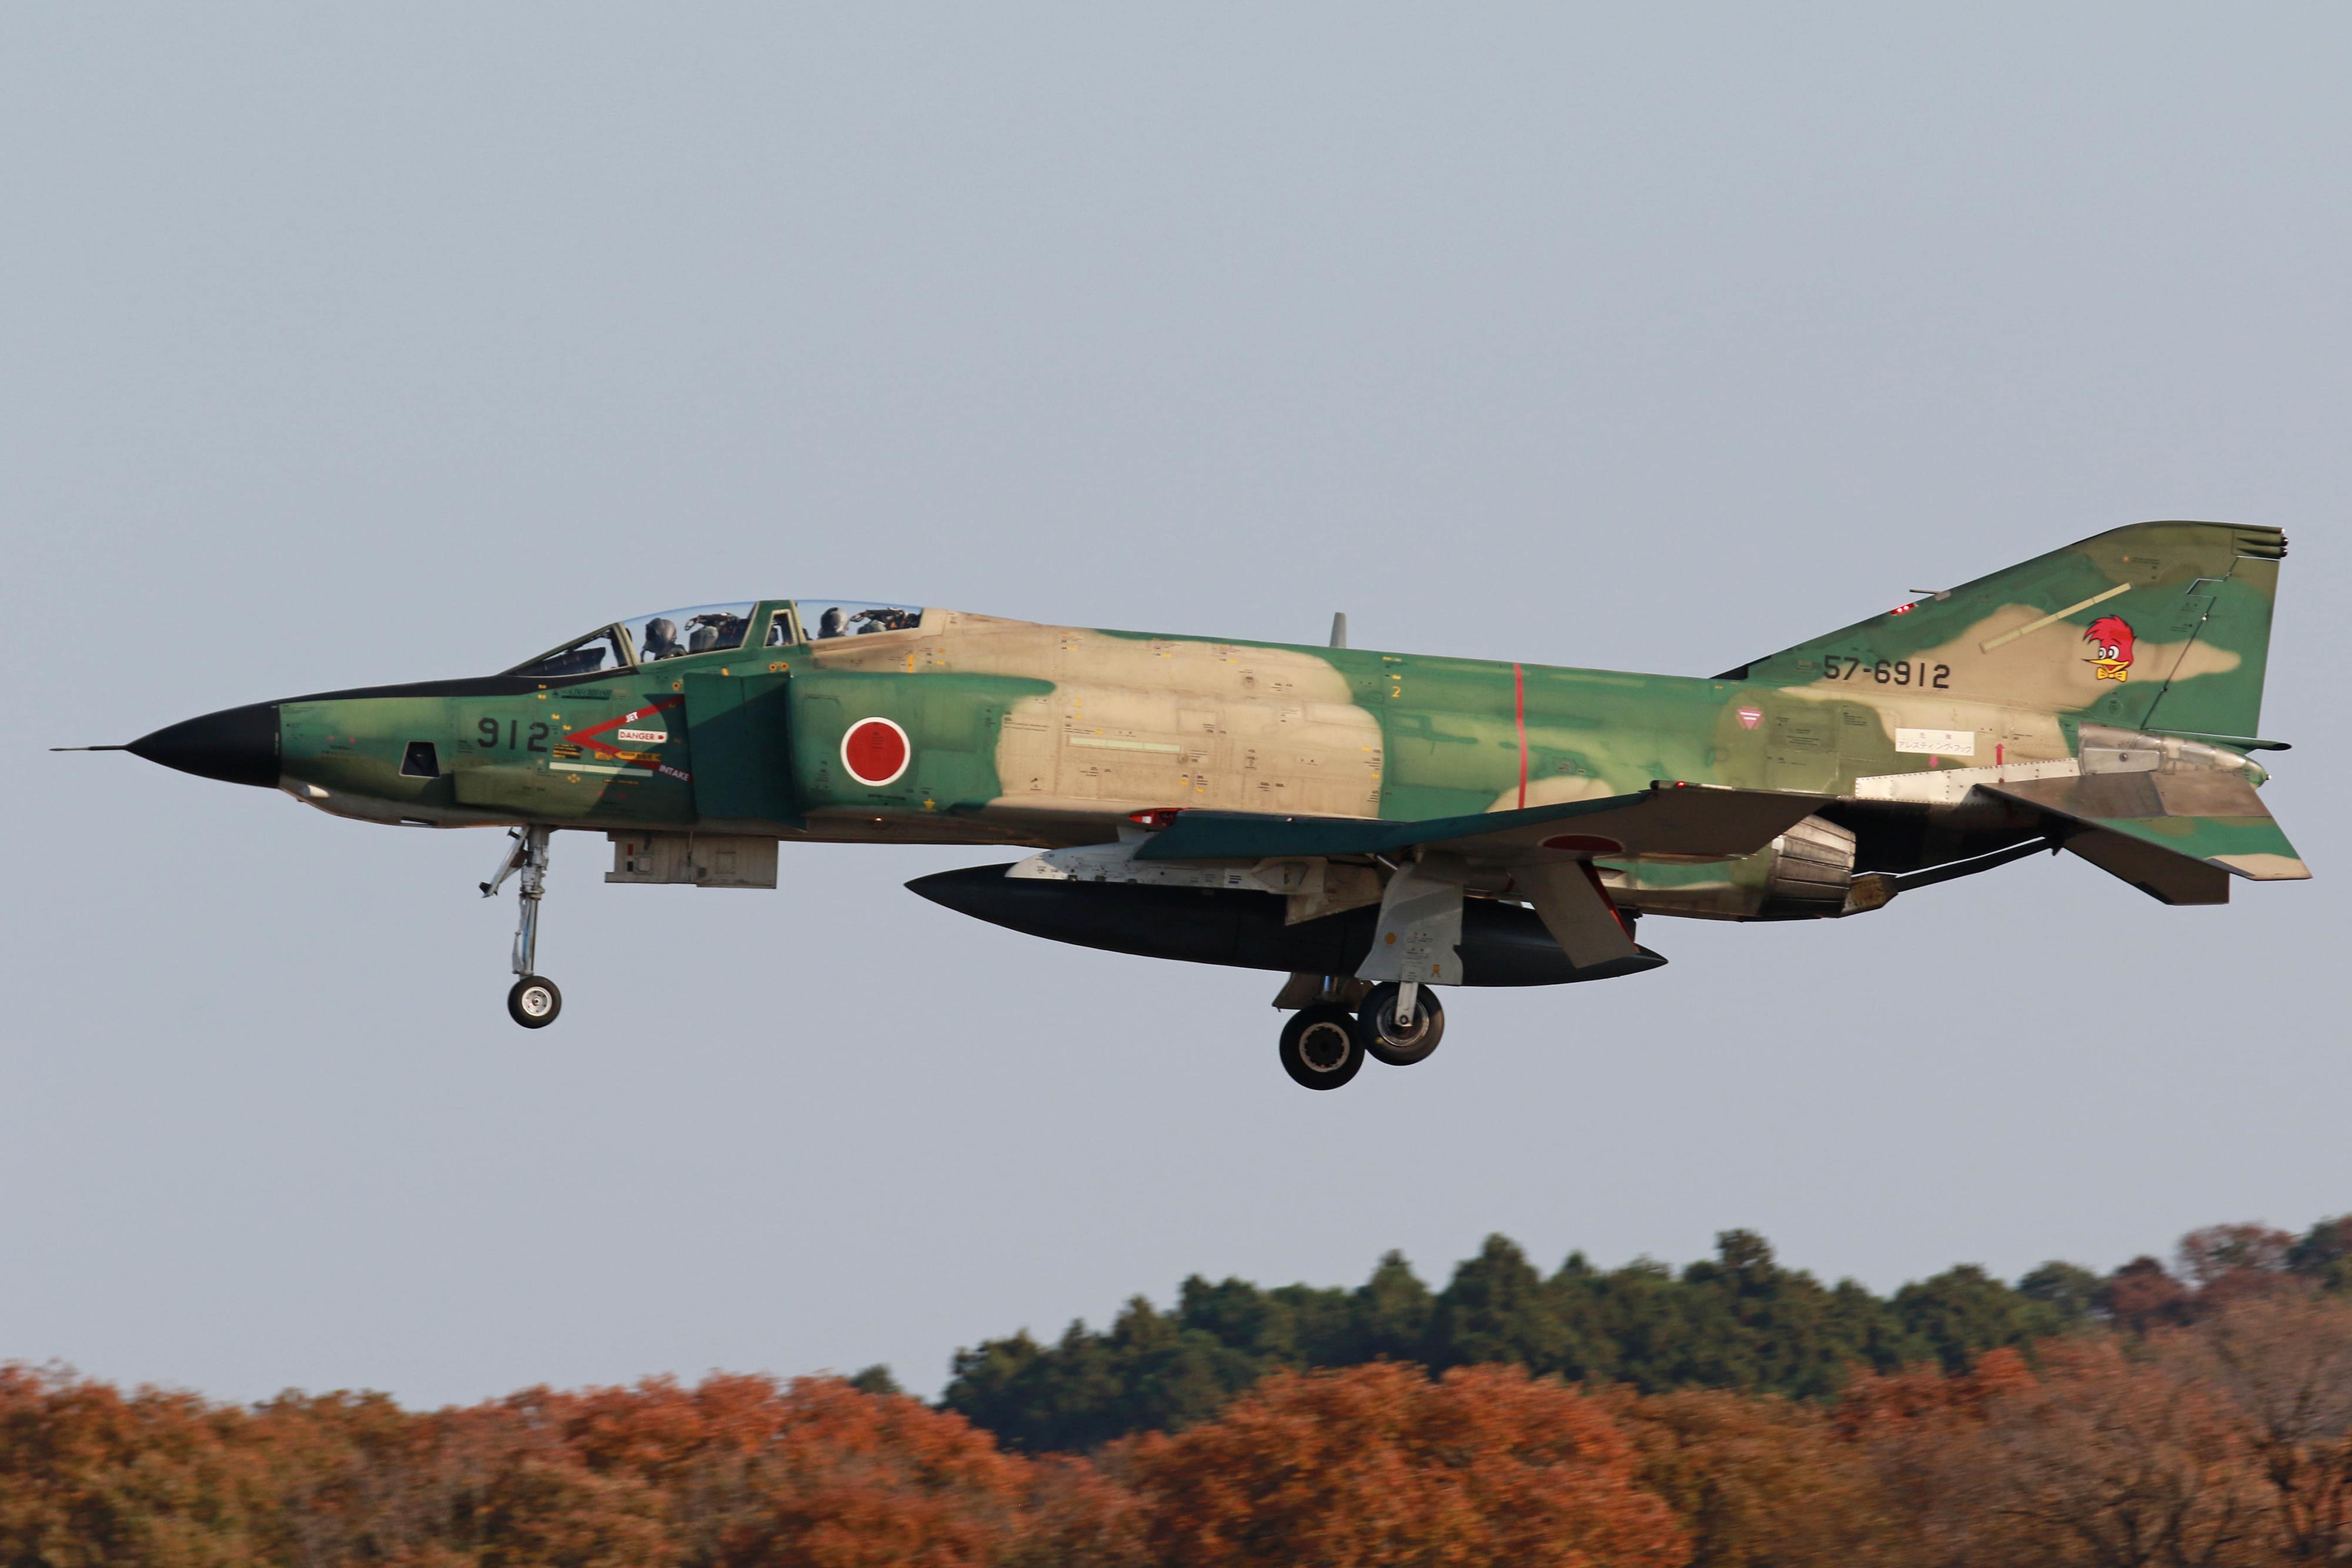 Hyakuri AB Japan Pt 1